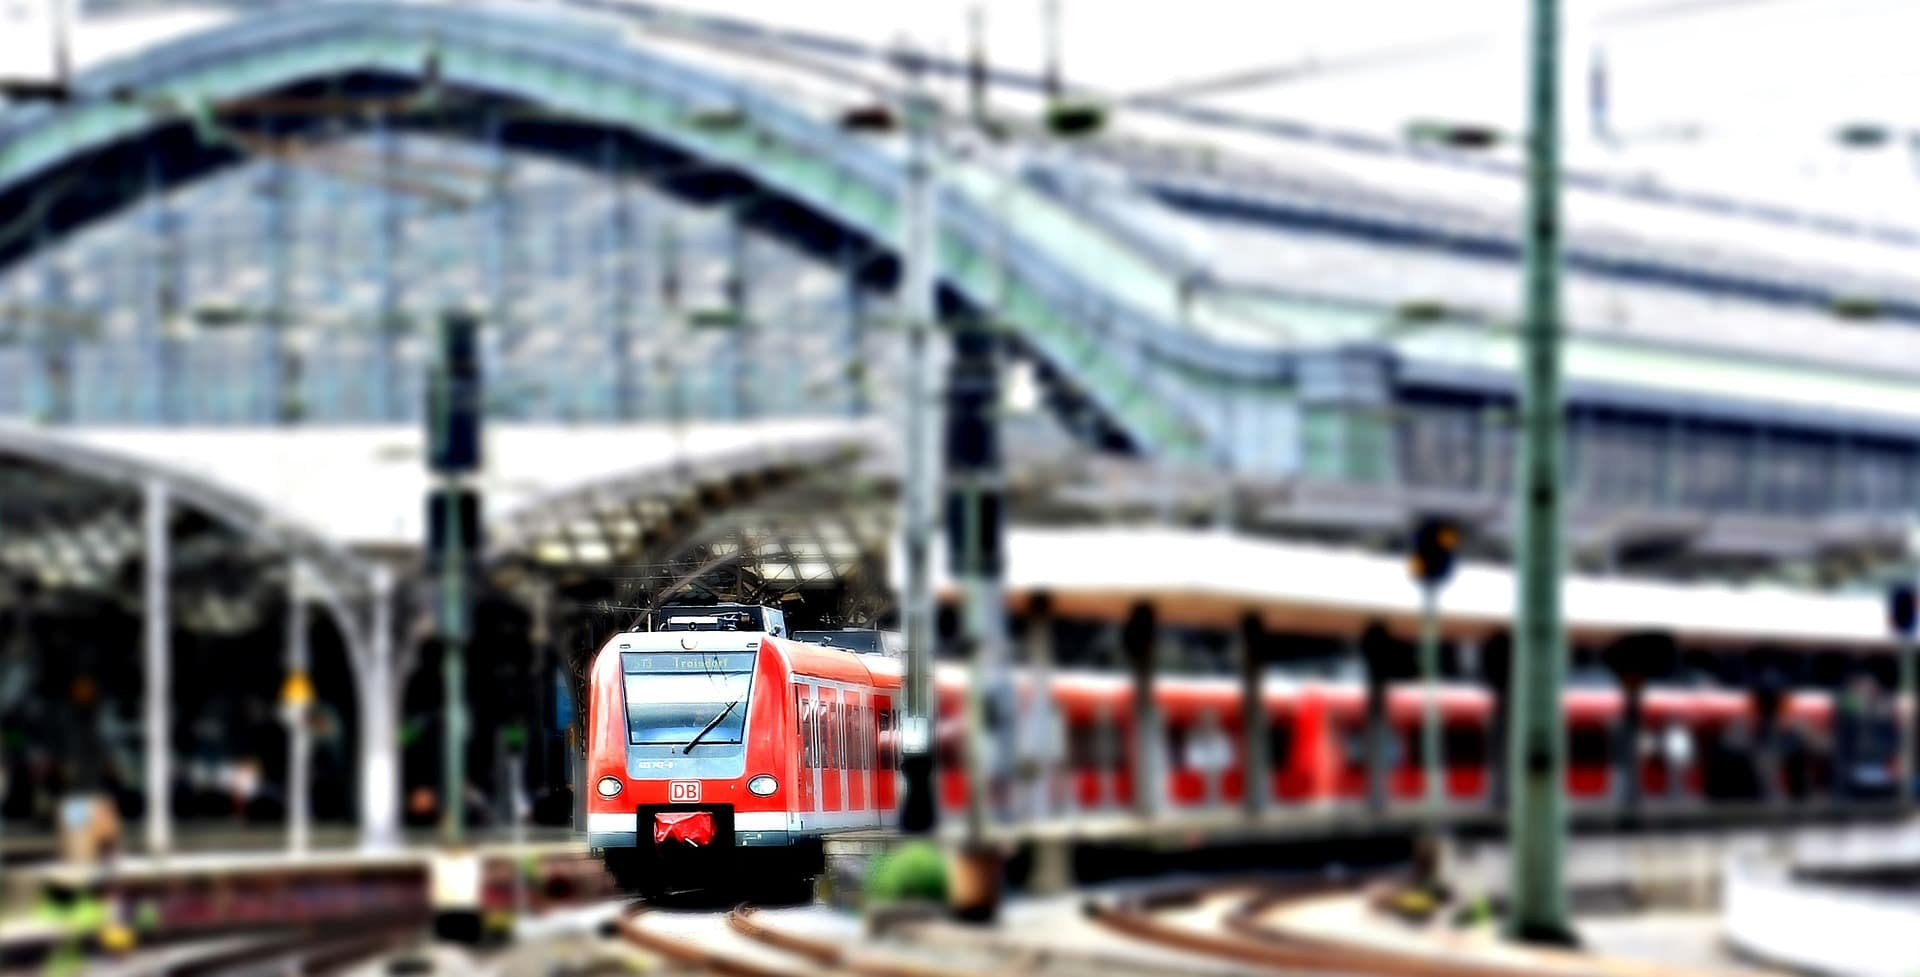 Combien coûte un billet de train en Europe ? (plus cher qu'une voiture ?)